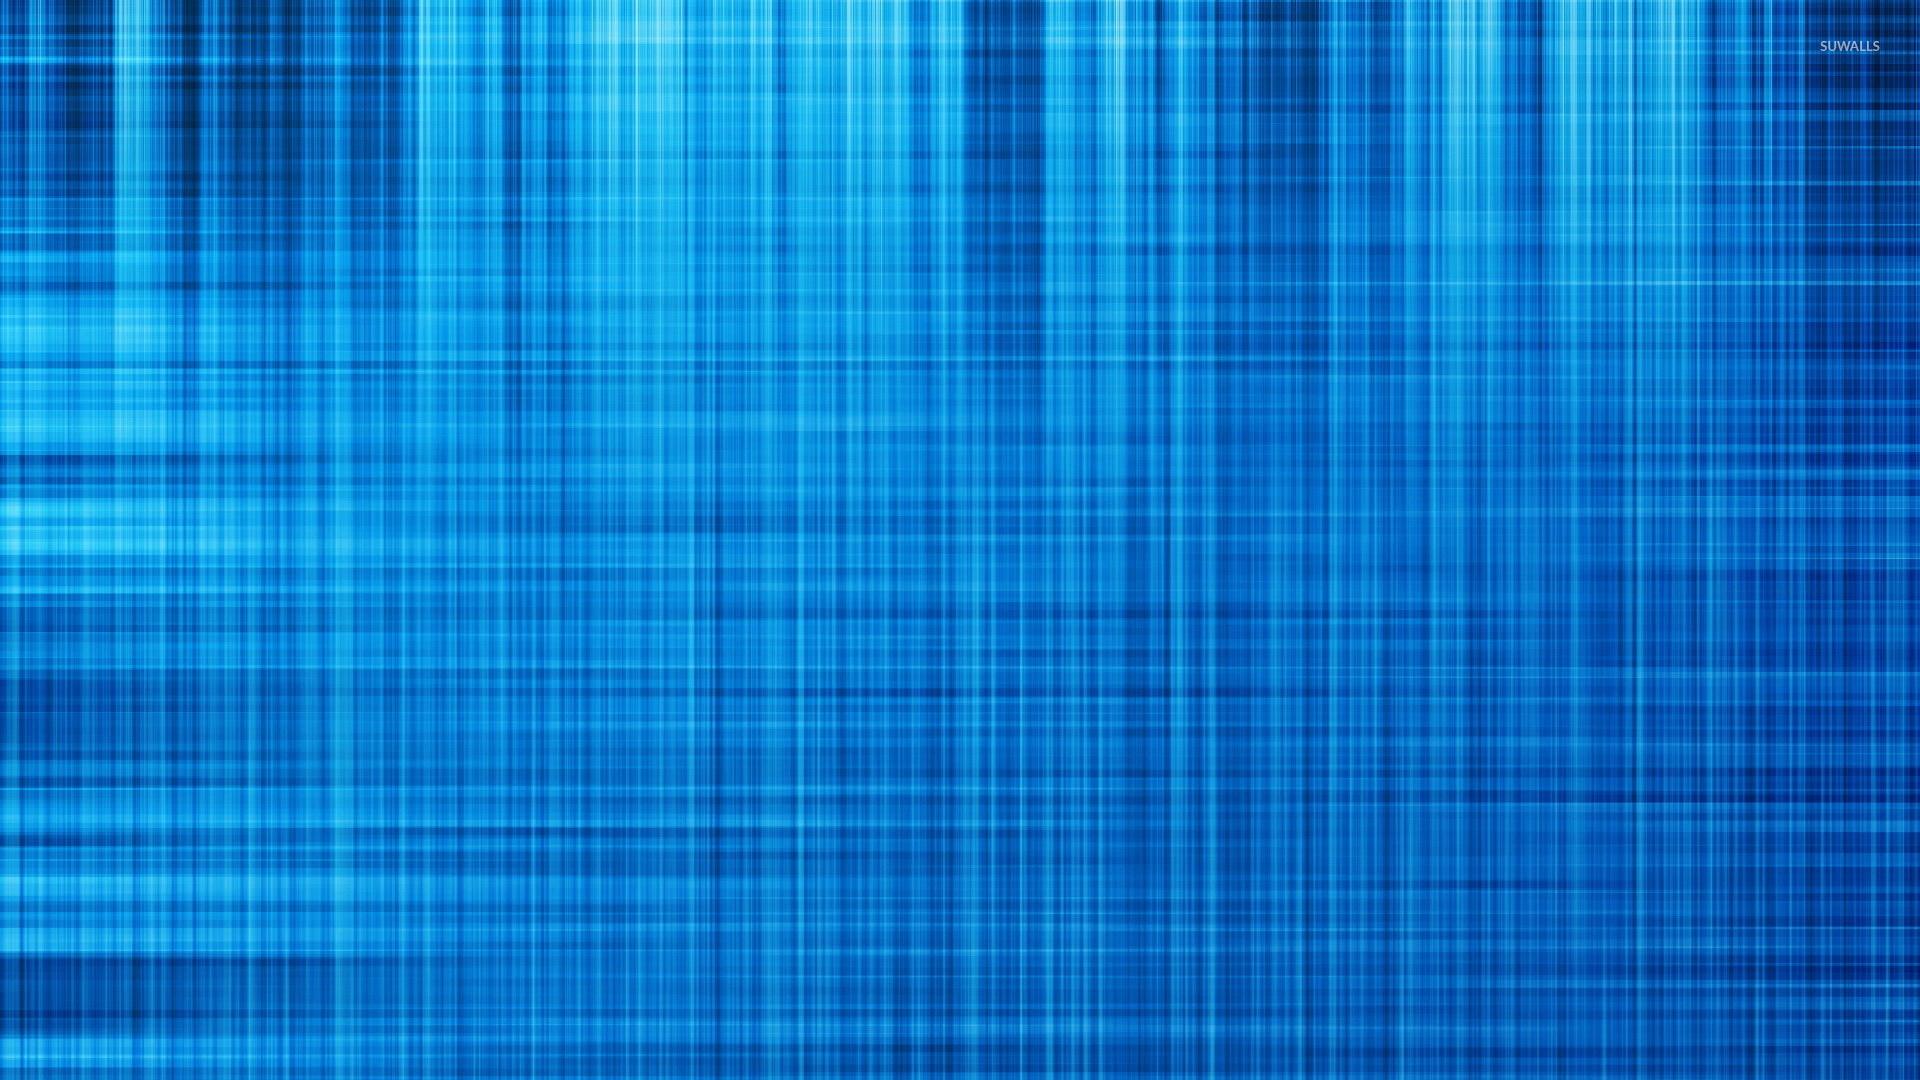 линии синие текстуры бесплатно